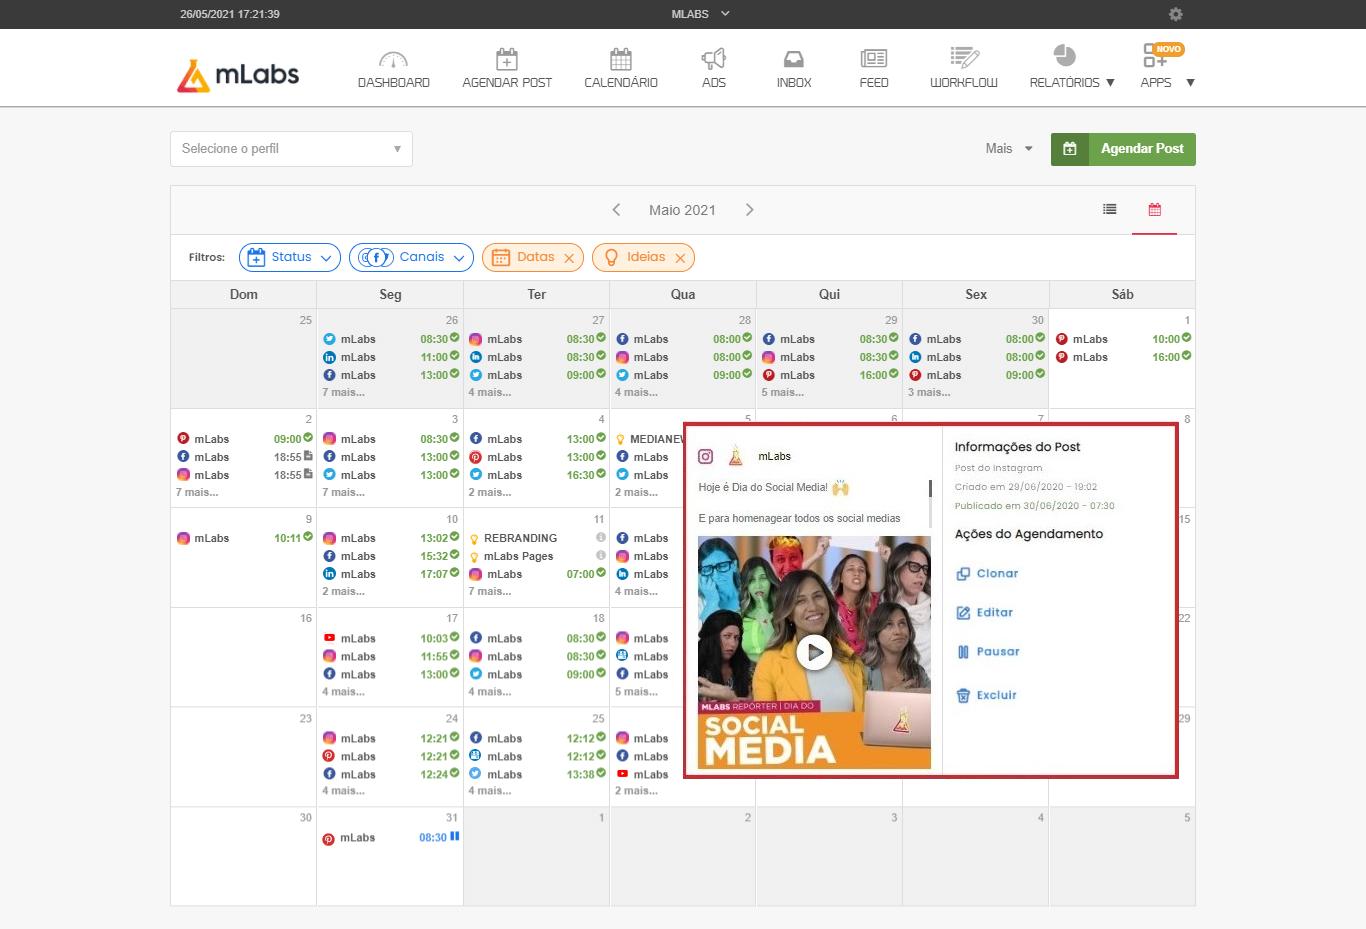 Como usar mLabs: imagem da tela de calendário